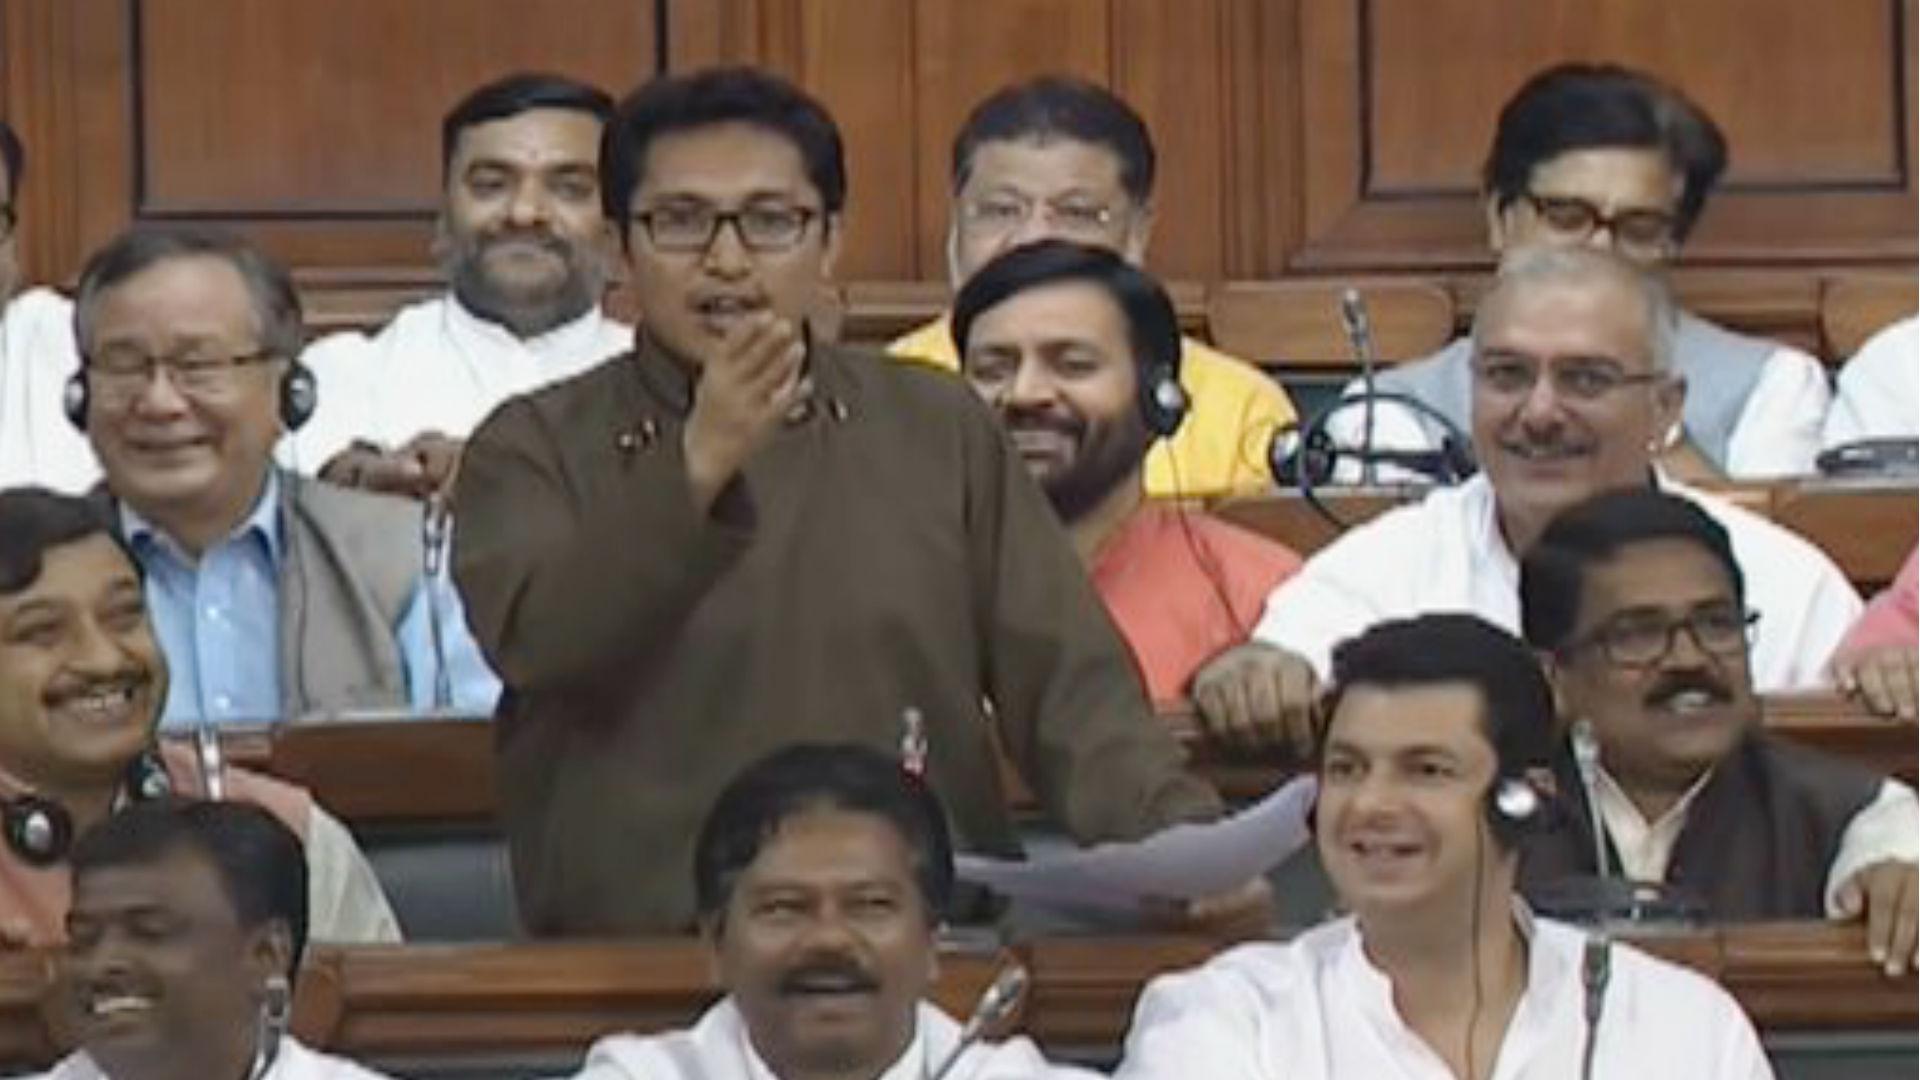 संसद में इस सांसद के भाषण के मुरीद हुए नरेंद्र मोदी-अमित शाह, जानिए कौन हैं जामयांग सेरिंग नामग्याल